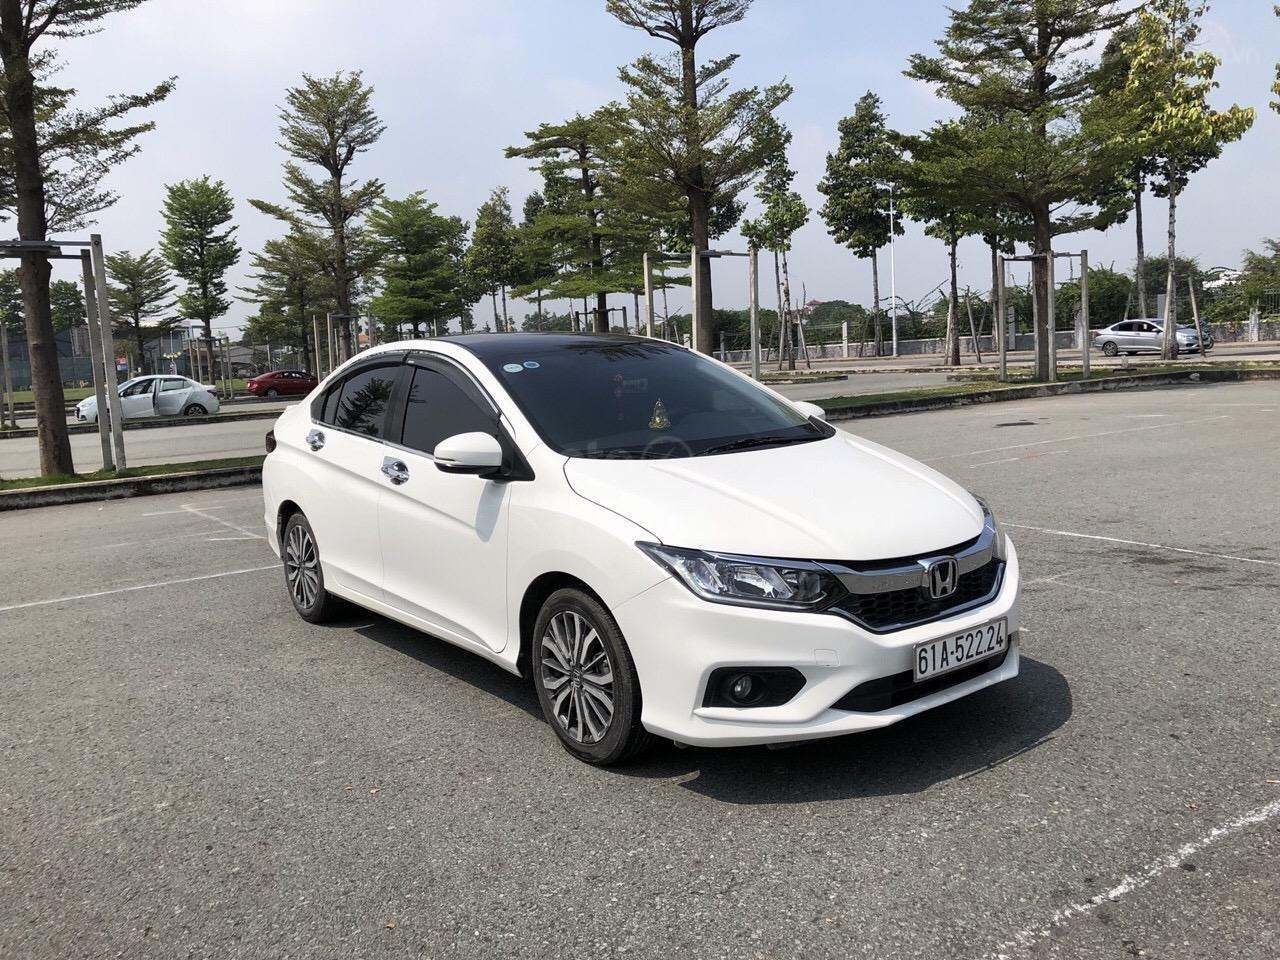 Bán Honda City 1.5CVT năm sản xuất 2018, xe full option giá 530 triệu (3)